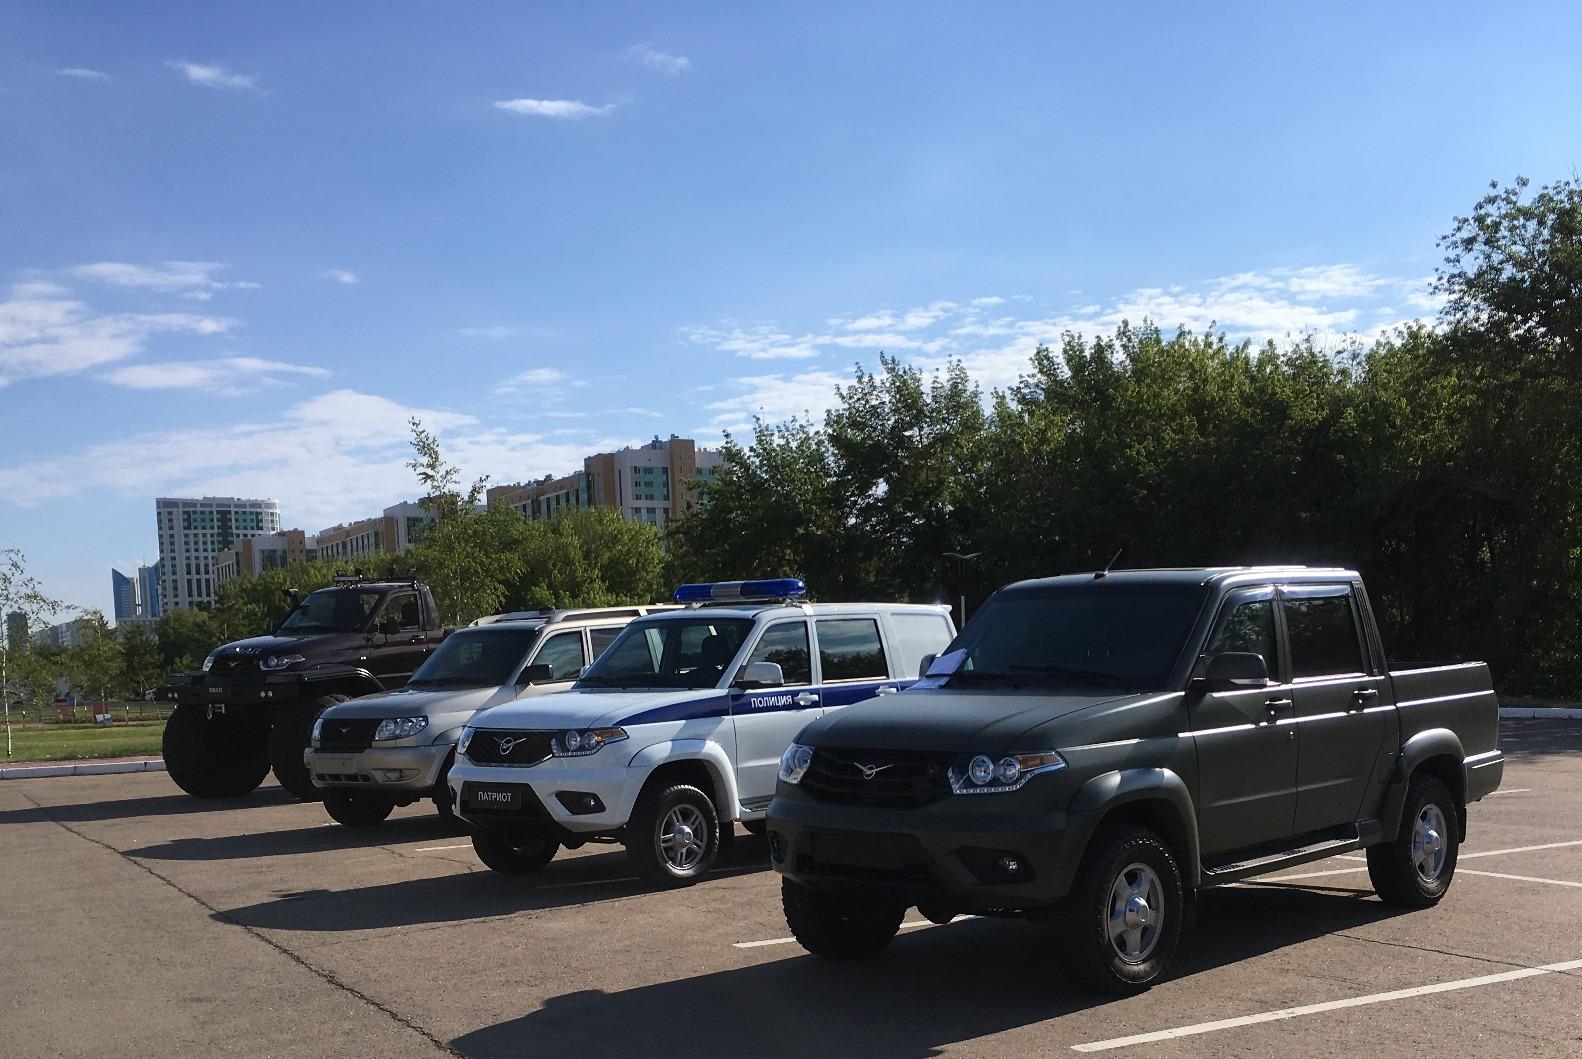 В Астане прошел показ спецтехники на базе внедорожников УАЗ